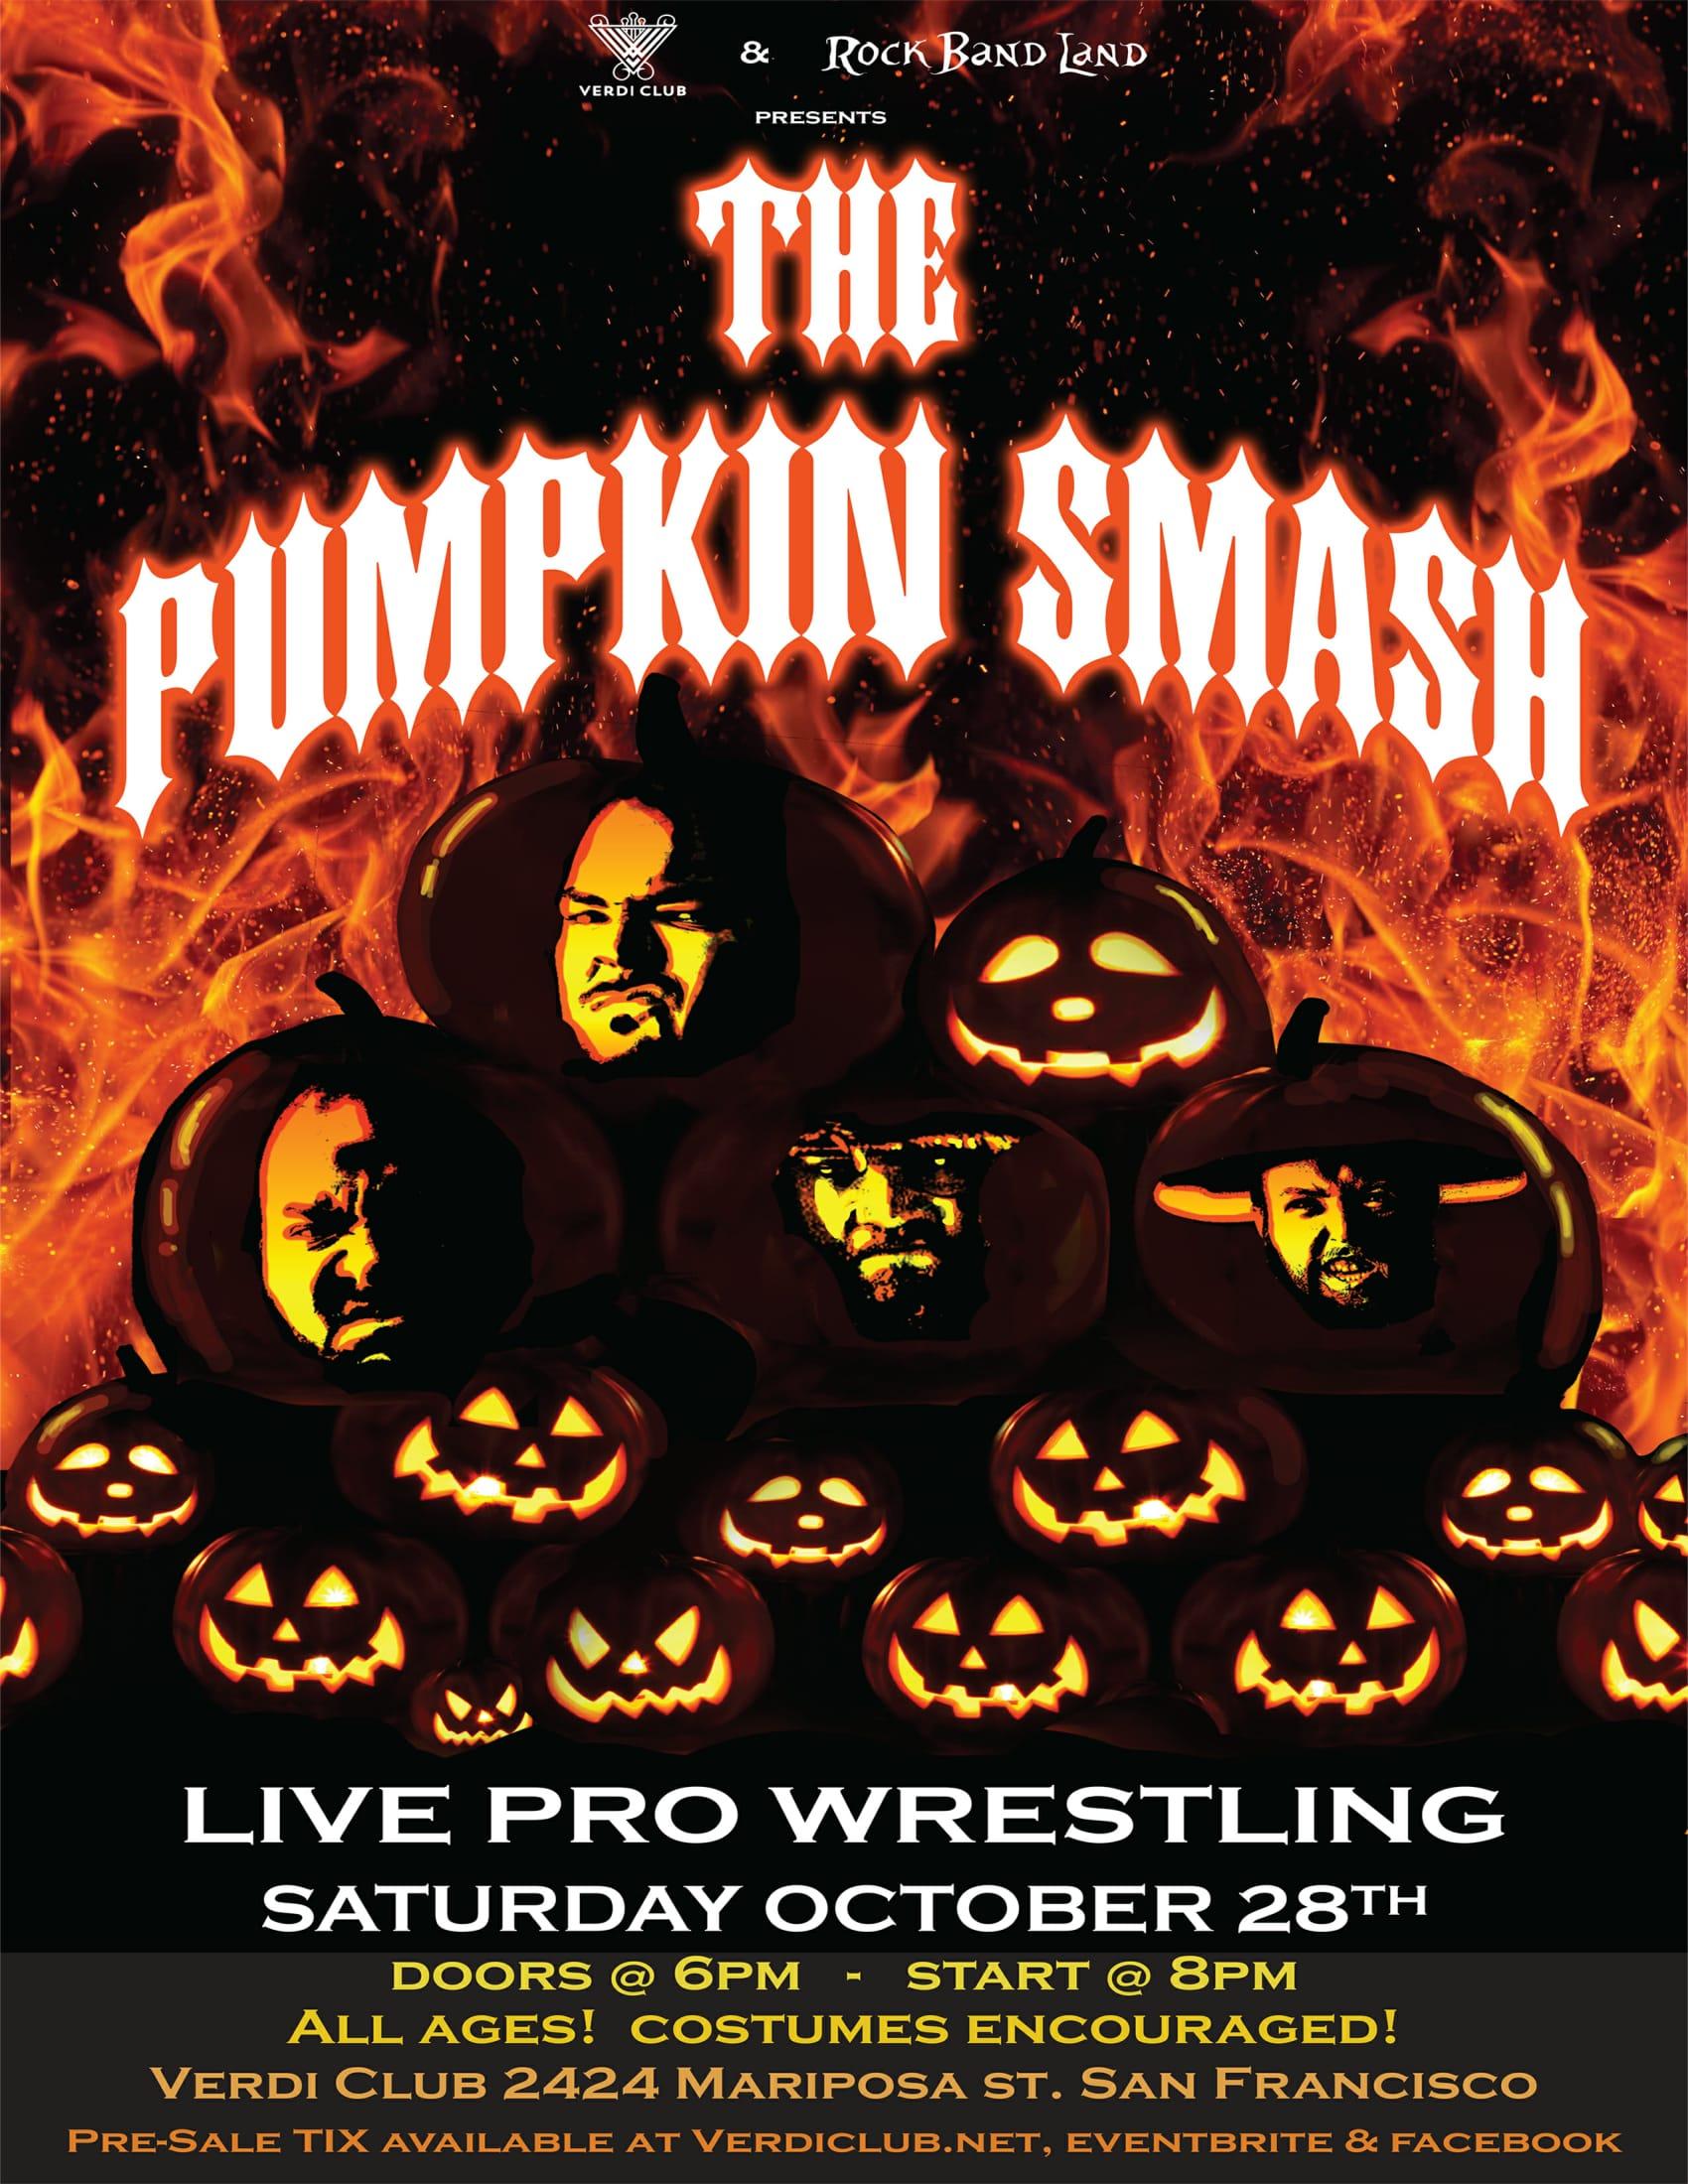 Pumpkin Smash 8 x 11-1.jpg